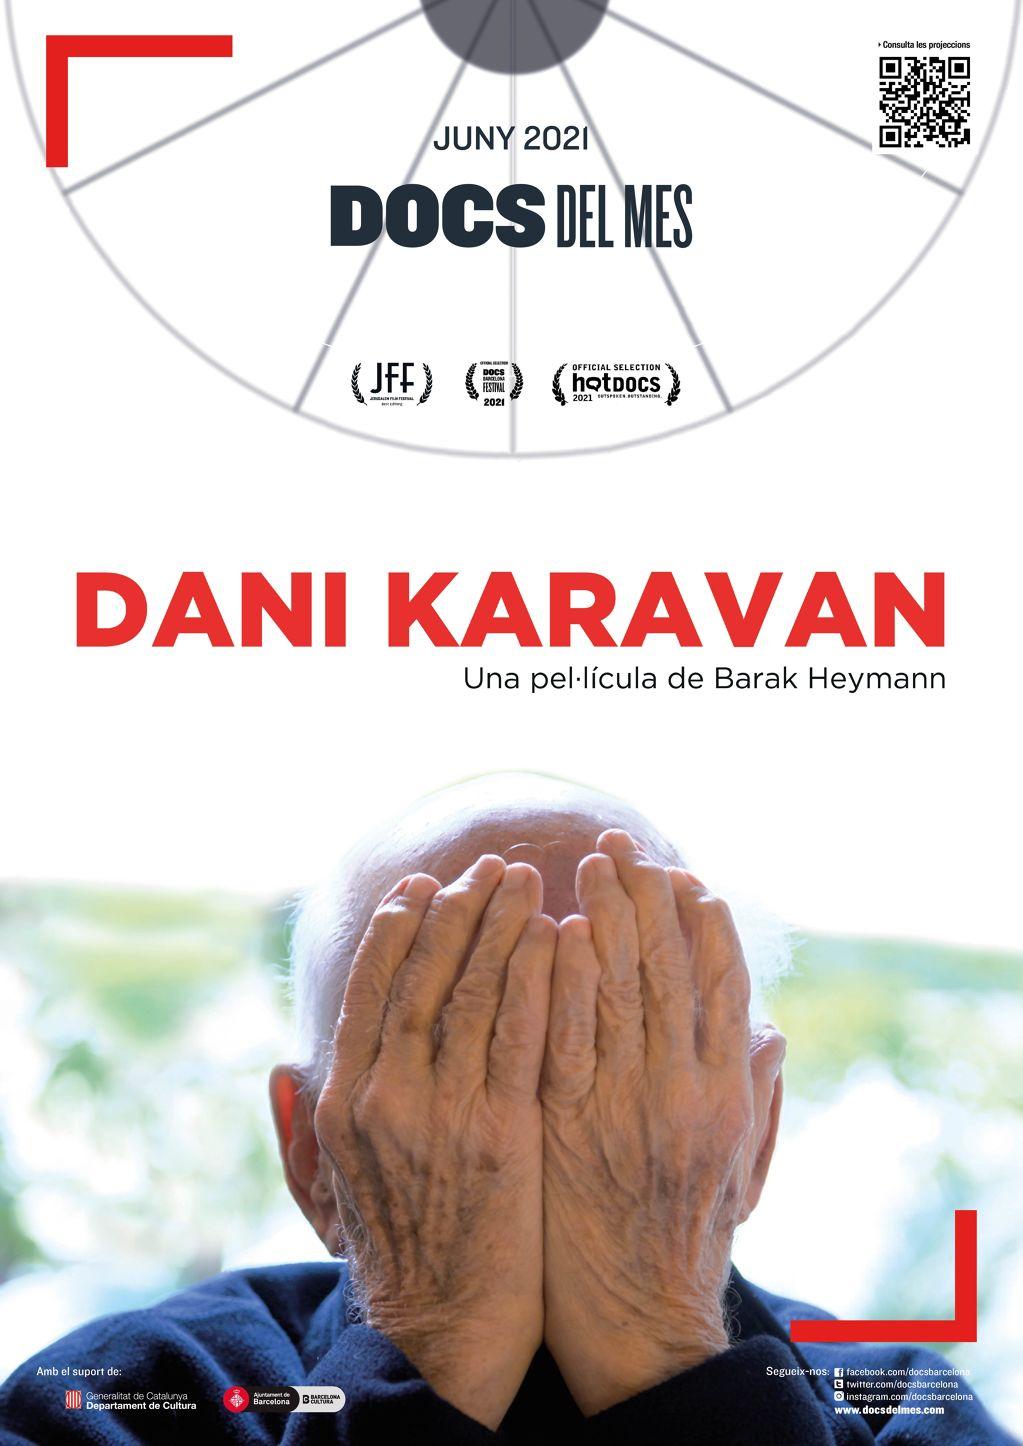 Docs del mes: Dani Karavan - 6abc4-aaff_juny_2021_cat-01.jpg